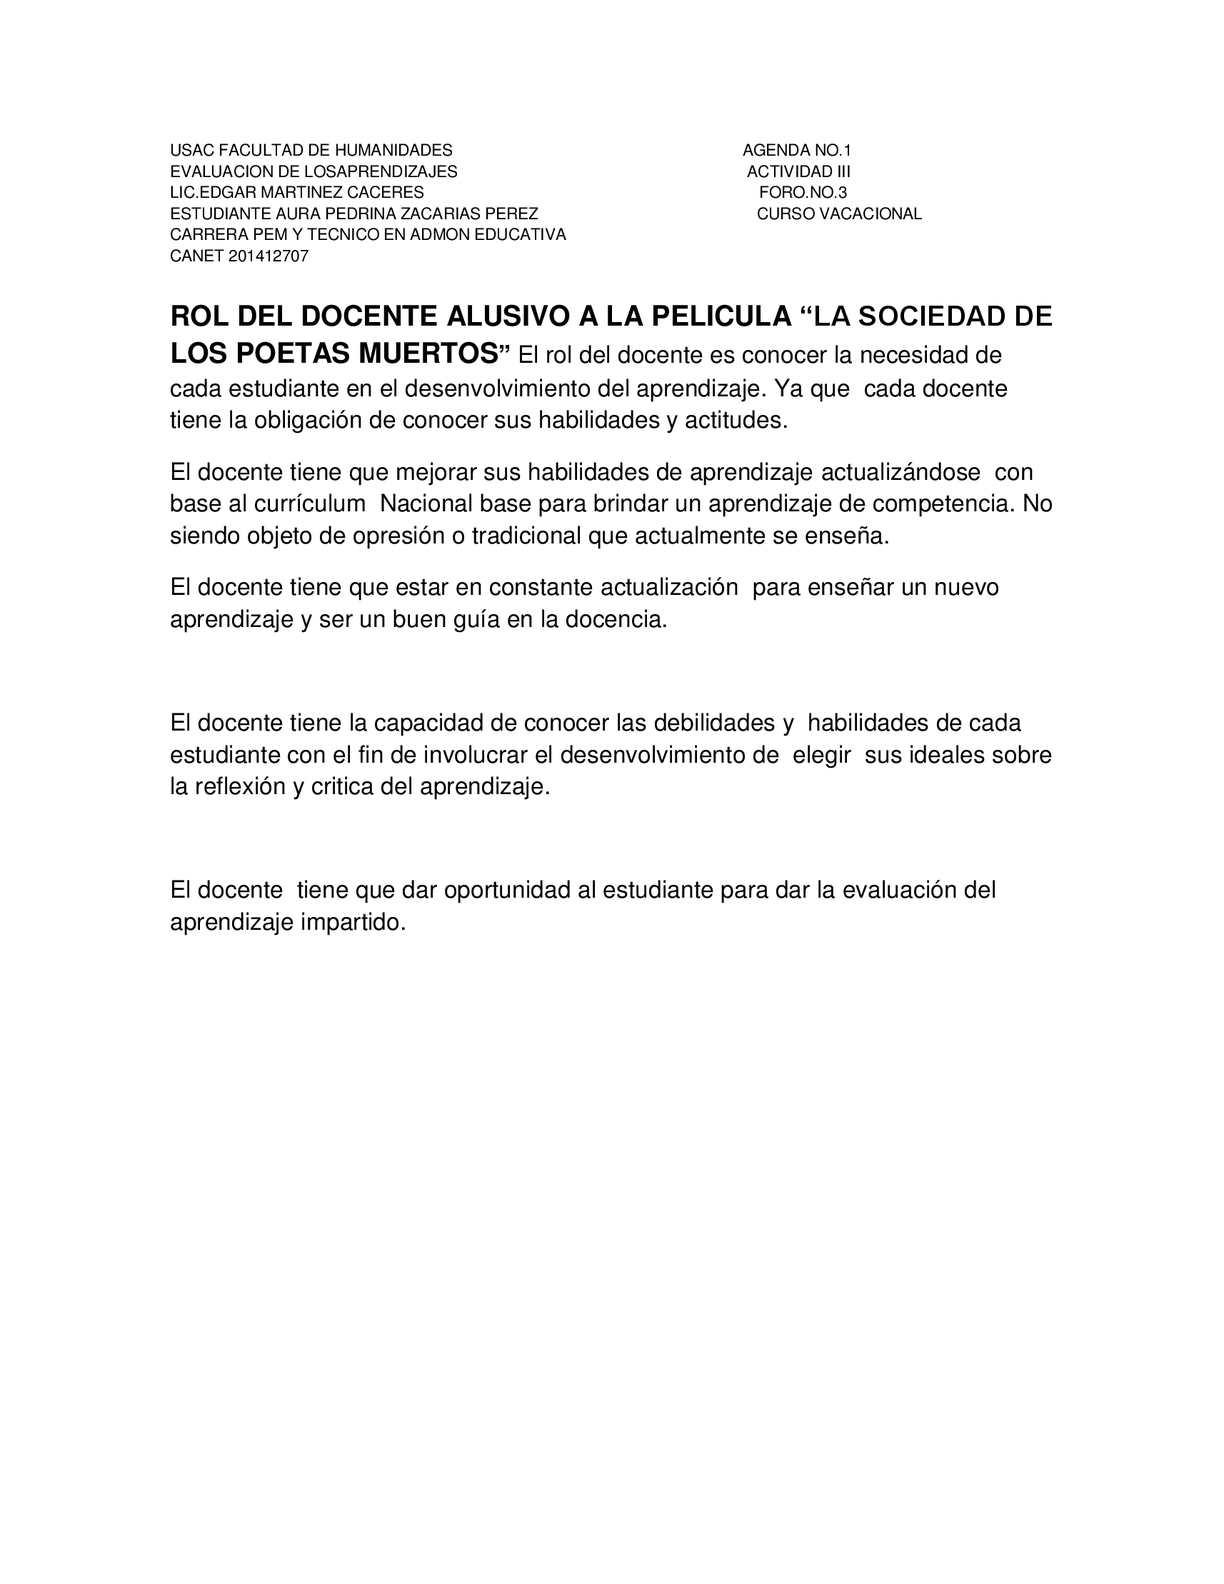 Calaméo - Agenda No 1 Actividad Iii Foroii Curso Vacacional